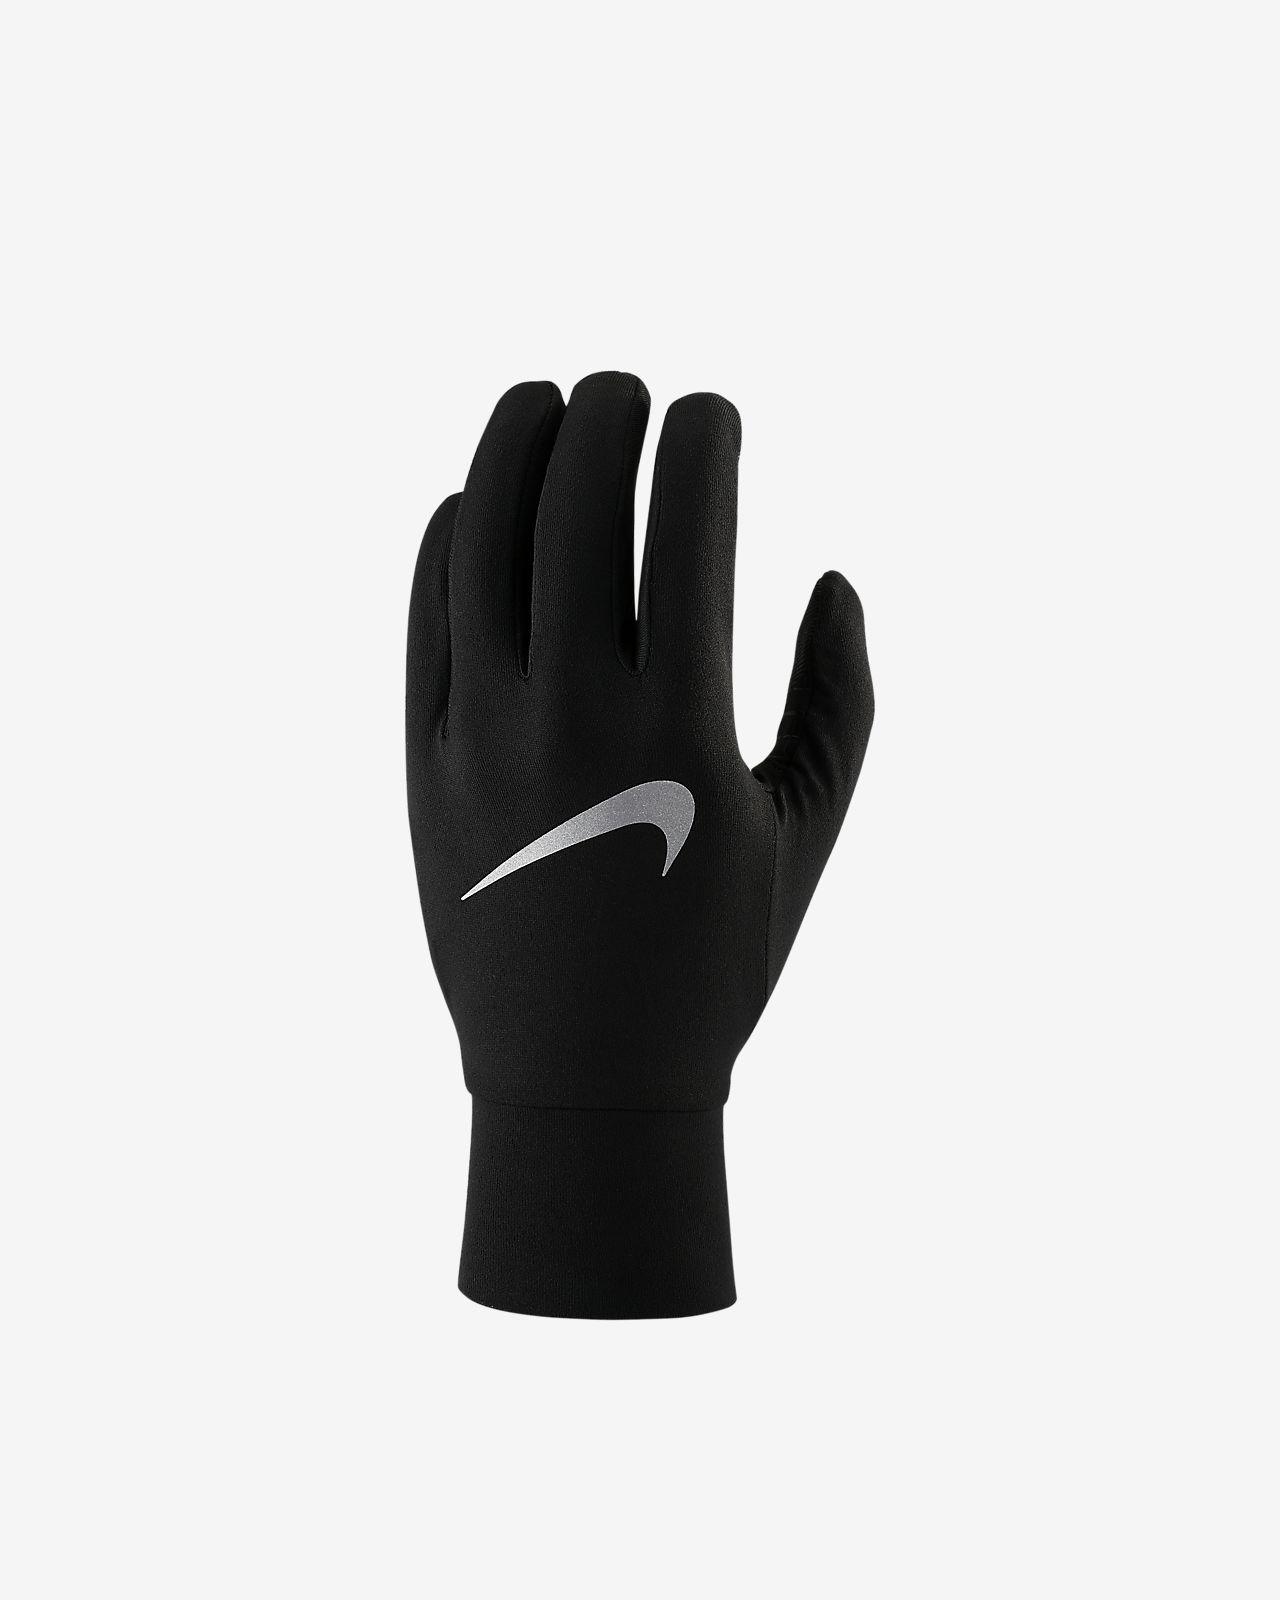 d39419102 Nike Dri-FIT Guantes de running - Hombre. Nike.com ES